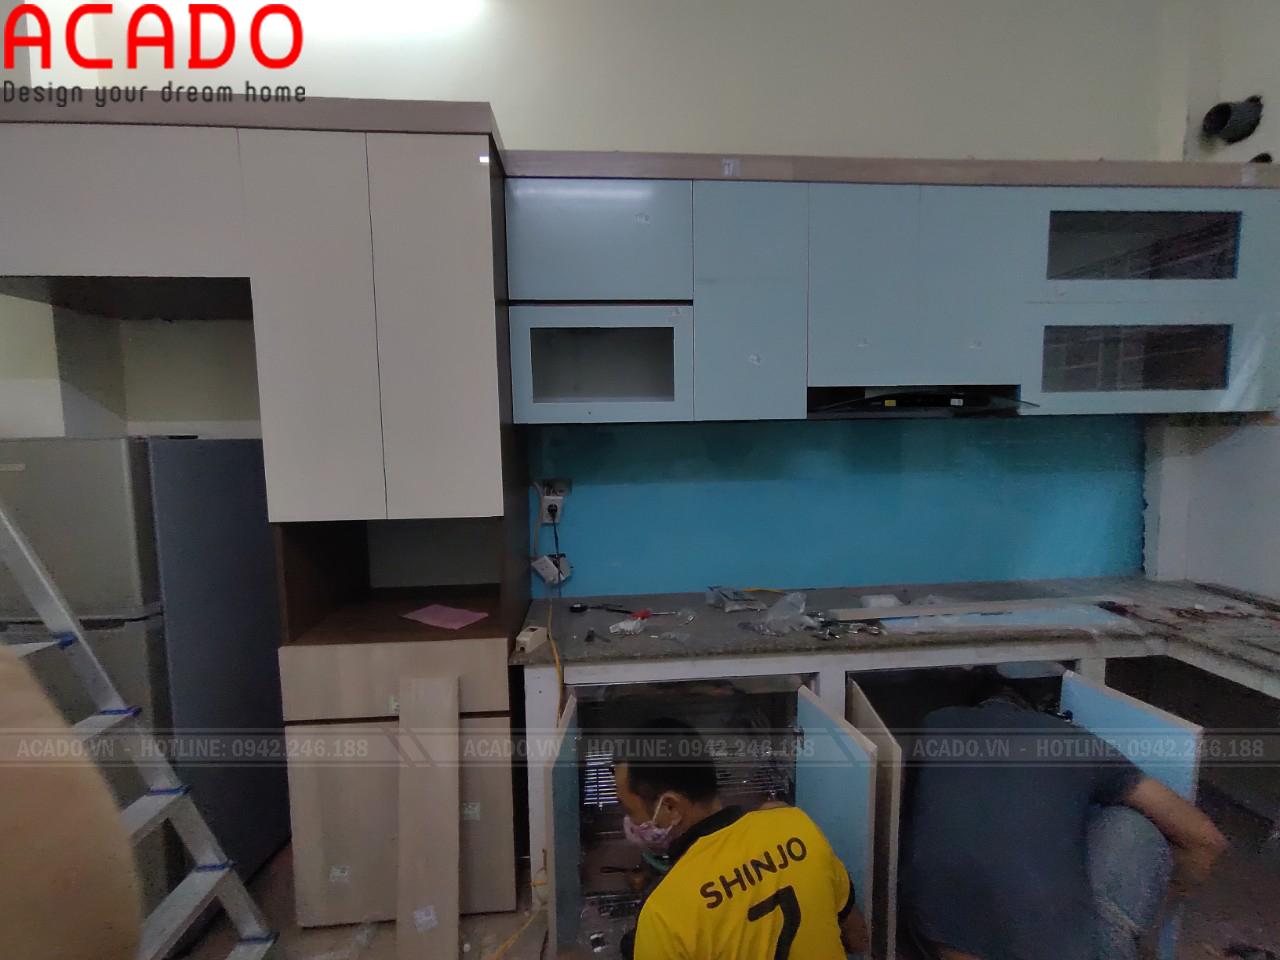 Thợ thi công ACADO bắt đầu lắp đặt tủ bếp cho gia đình chị Lan